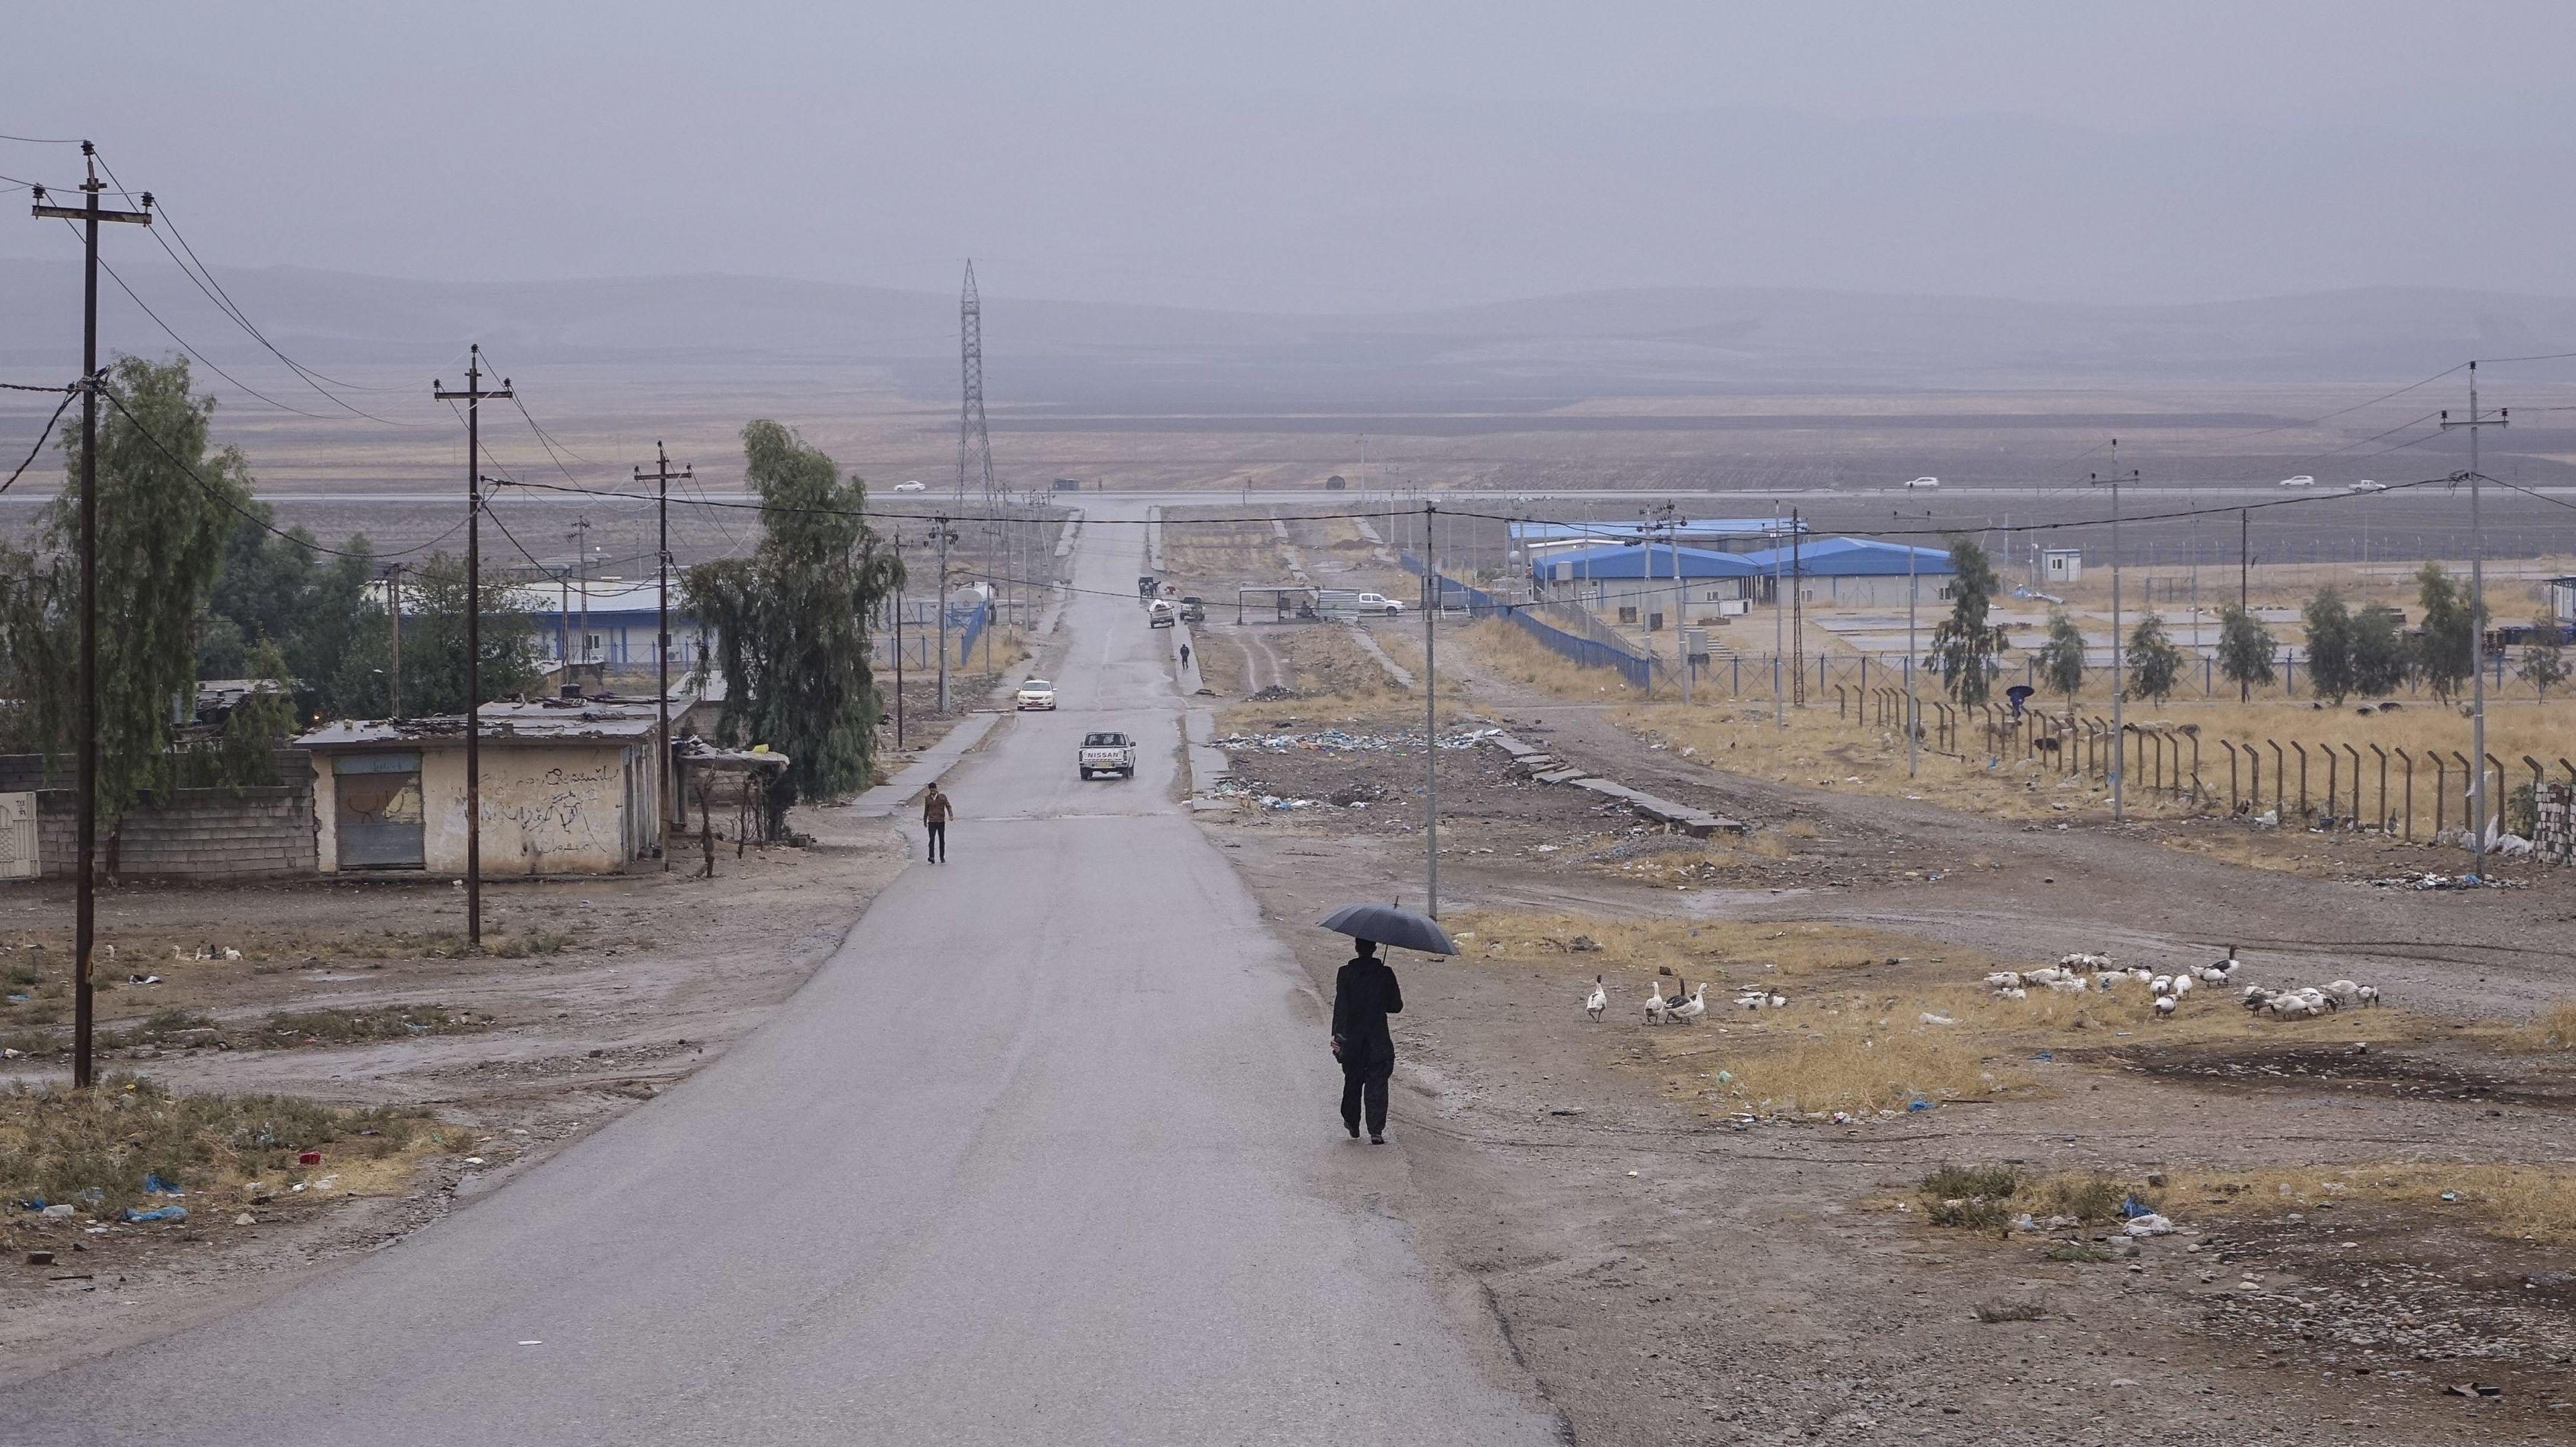 Eine Straße im Nordirak führt an einem Flüchtlingscamp im Nordirak vorbei - man sieht vereinzelte Autos, Menschen und Tiere in der tristen Umgebung